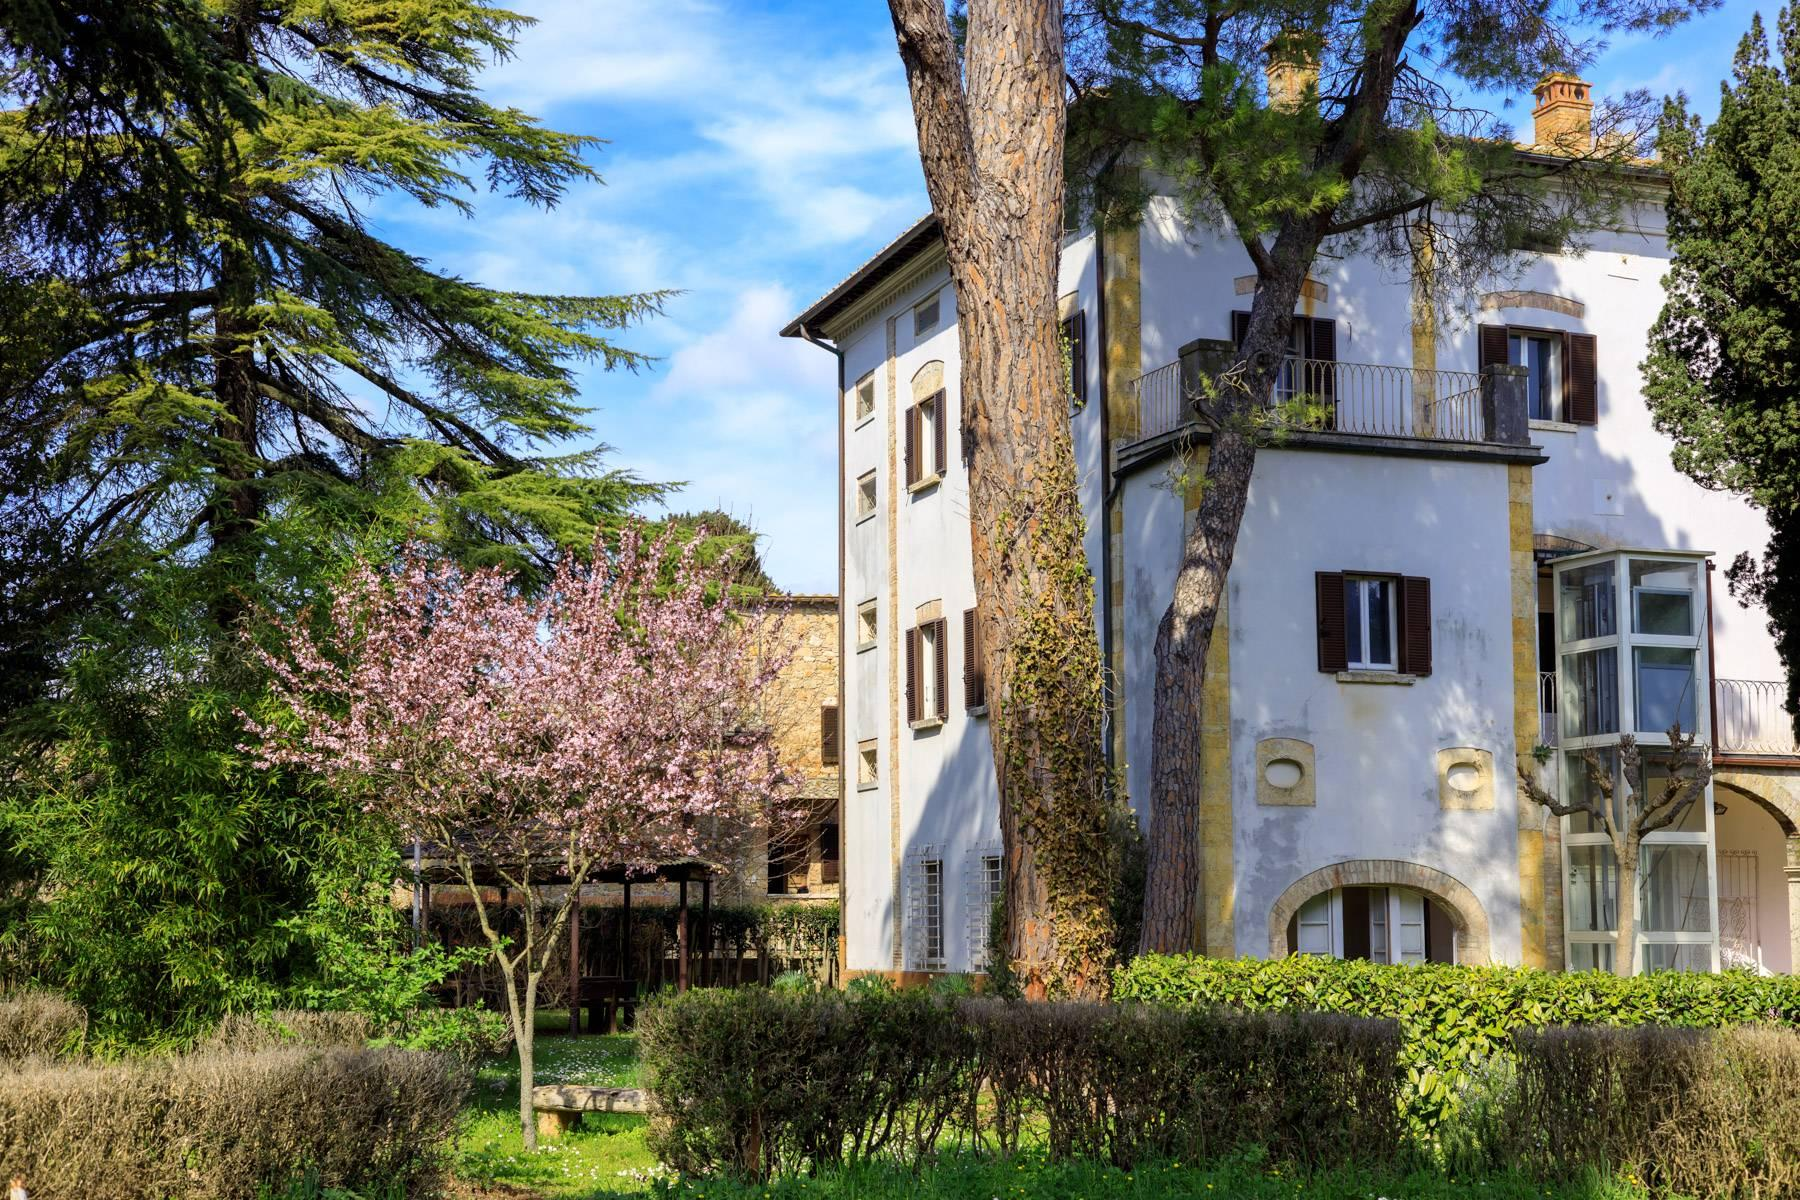 Prächtige historische Villa mit neoklassizistischer Kapelle und Park - 30